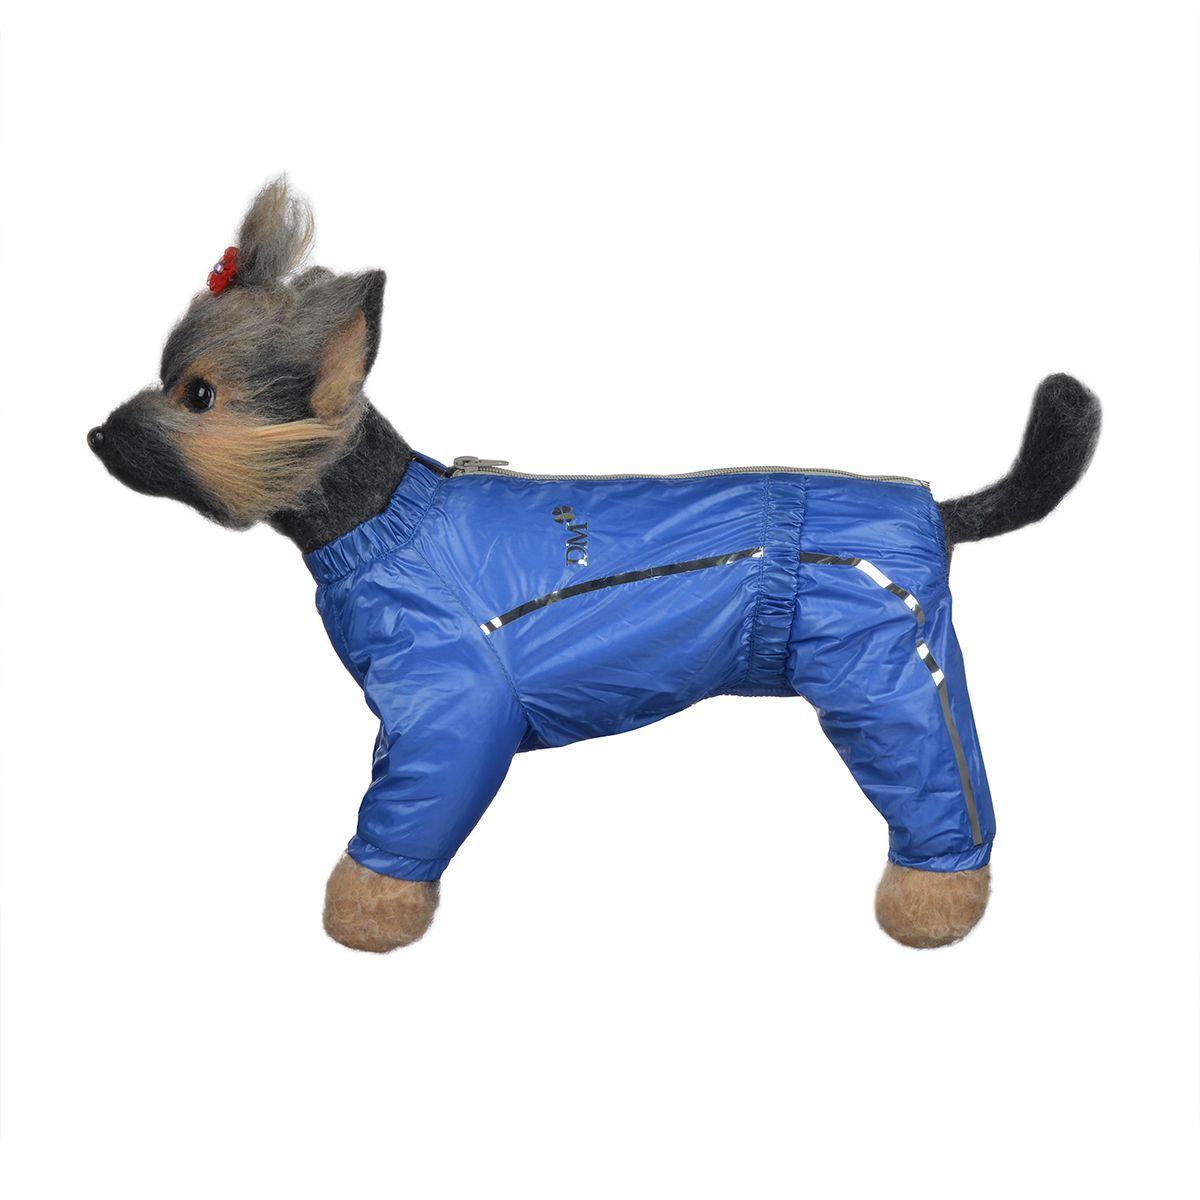 Комбинезон для собак Dogmoda Альпы, для мальчика, цвет: синий. Размер 1 (S)0120710Комбинезон для собак Dogmoda Альпы отлично подойдет для прогулок поздней осенью или ранней весной.Комбинезон изготовлен из полиэстера, защищающего от ветра и осадков, с подкладкой из флиса, которая сохранит тепло и обеспечит отличный воздухообмен. Комбинезон застегивается на молнию и липучку, благодаря чему его легко надевать и снимать. Ворот, низ рукавов и брючин оснащены внутренними резинками, которые мягко обхватывают шею и лапки, не позволяя просачиваться холодному воздуху. На пояснице имеется внутренняя резинка. Изделие декорировано серебристыми полосками и надписью DM.Благодаря такому комбинезону простуда не грозит вашему питомцу и он не даст любимцу продрогнуть на прогулке.